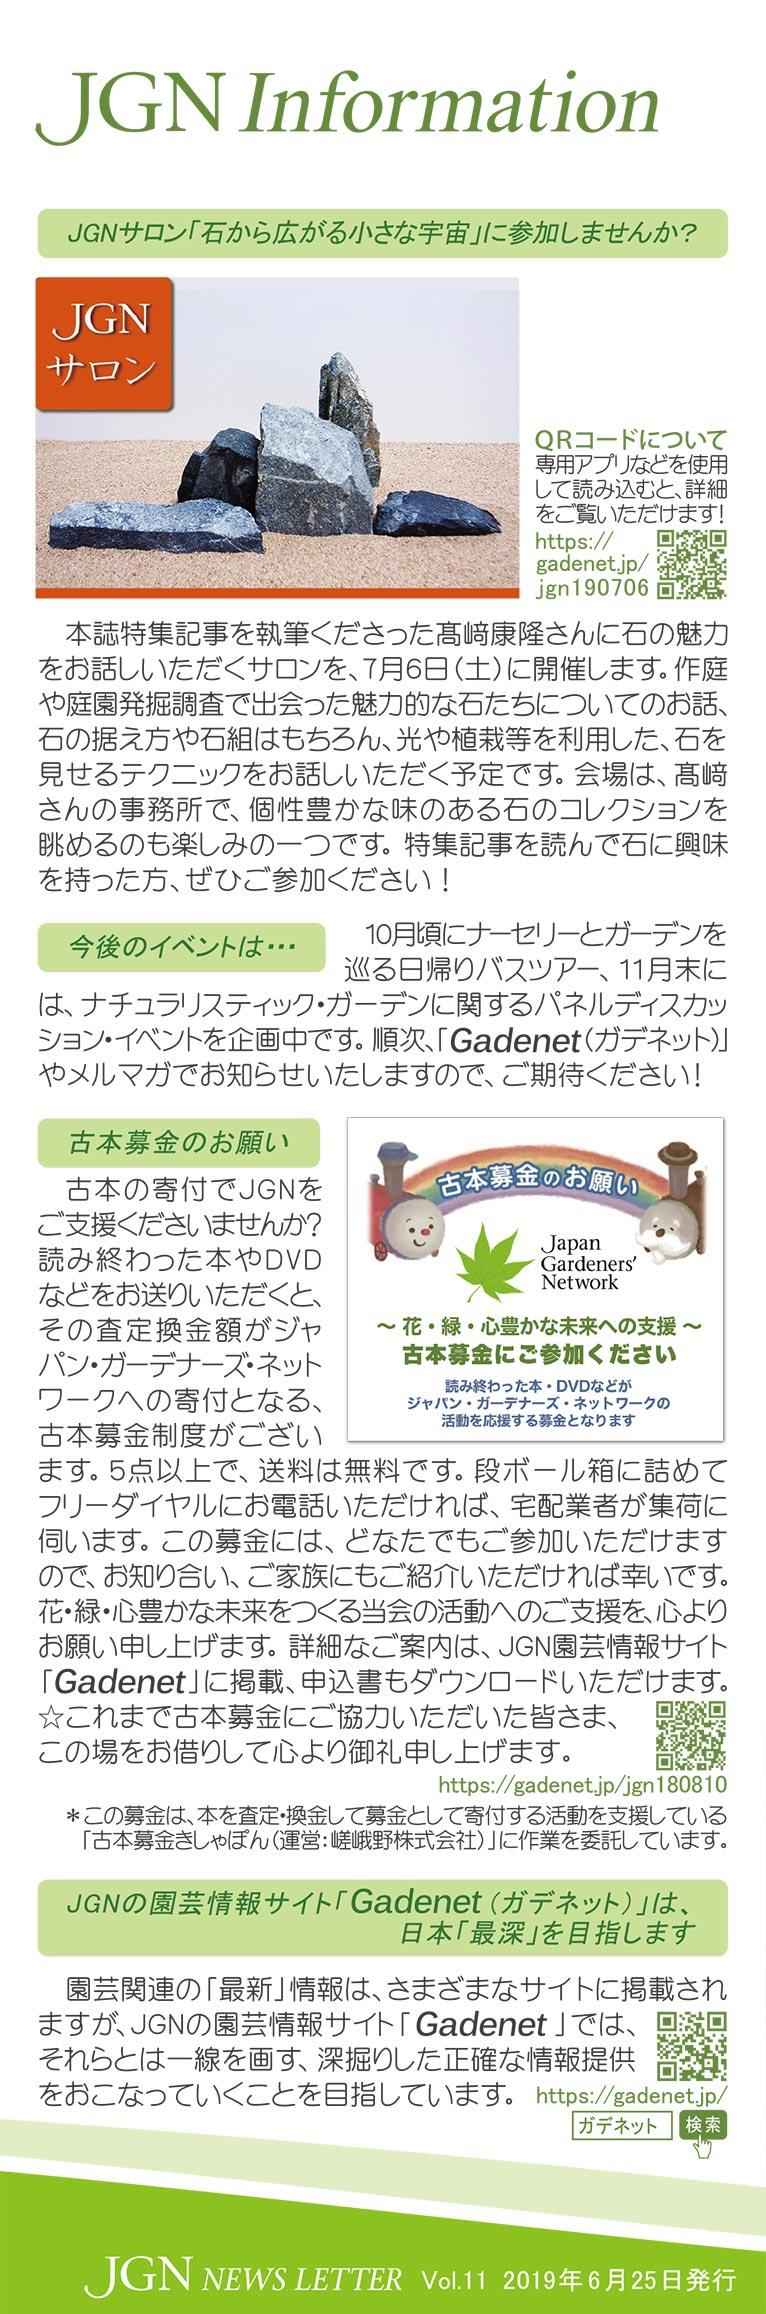 JGN NEWS LETTER 2019年初夏号 Vol.11(その4)JGNインフォメーション